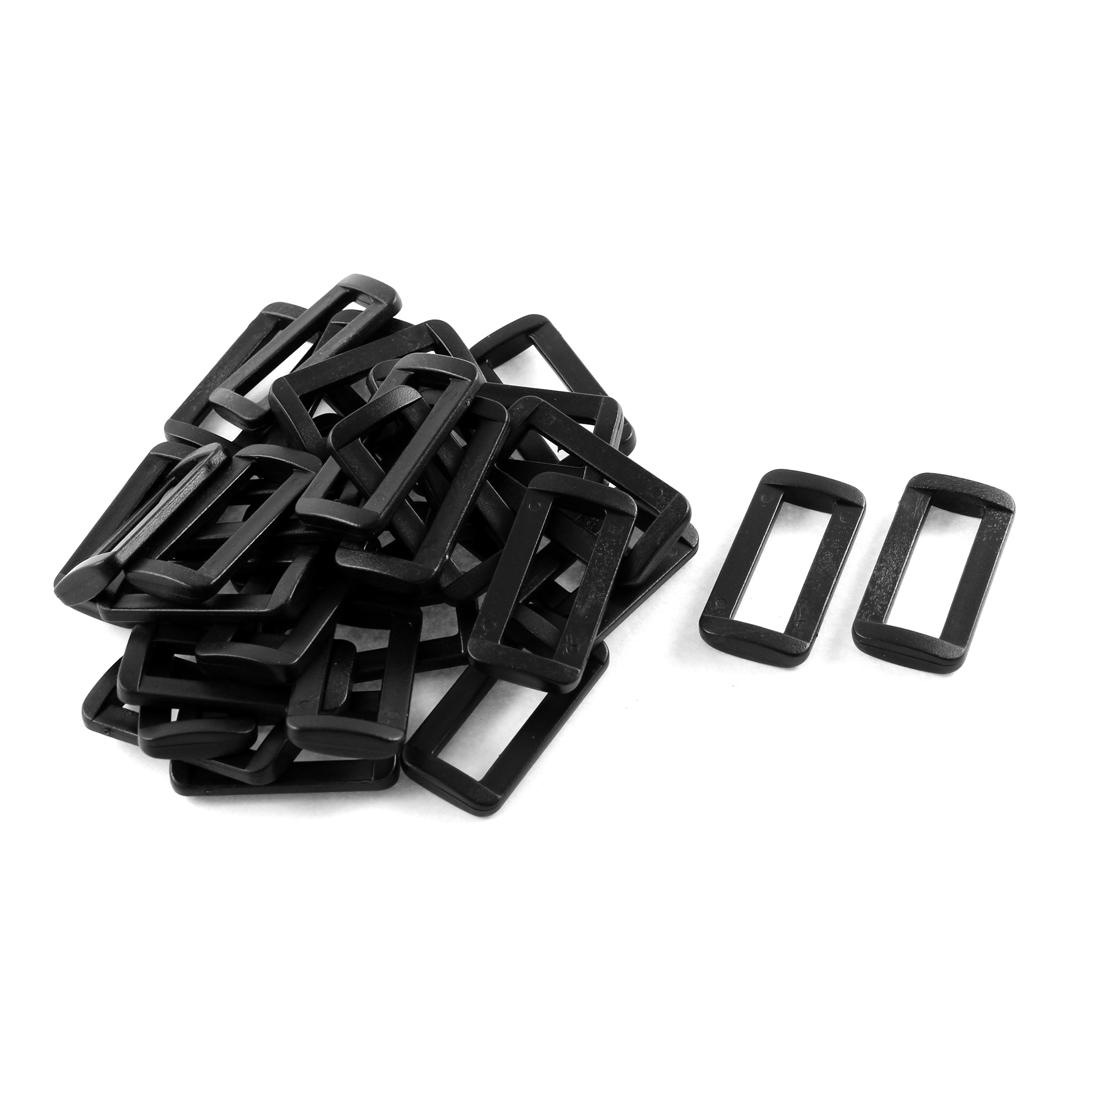 30pcs Black Plastic Bar Slides Buckles for 32mm Webbing Strap